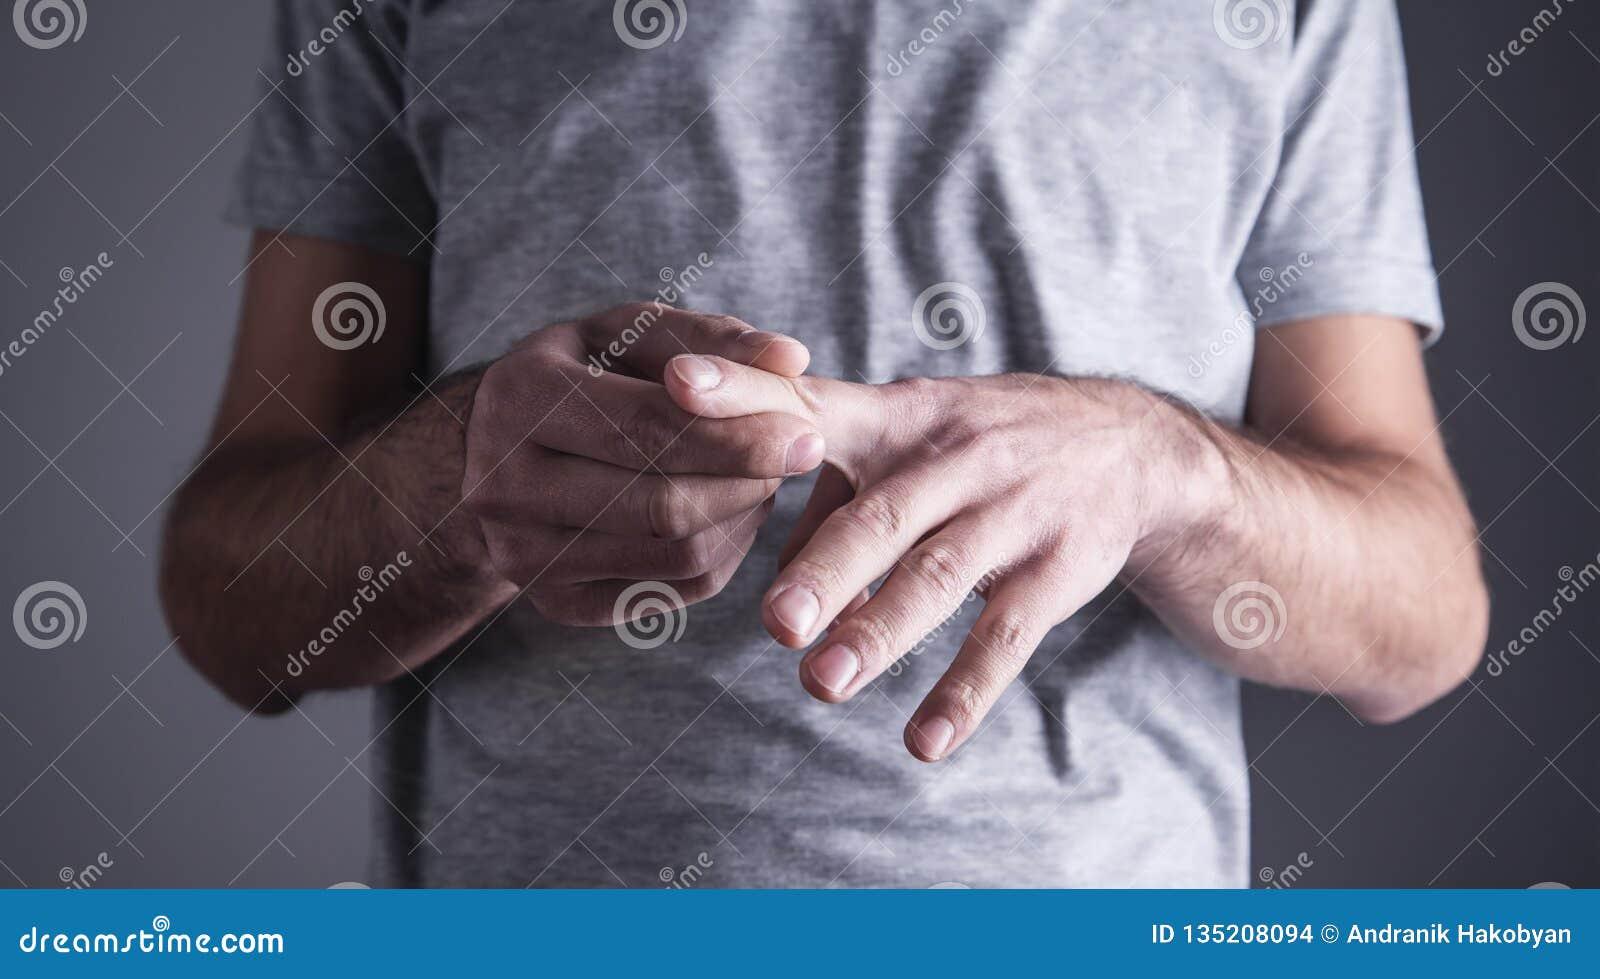 Caucasian man med fingerknip Artrit handled smärtar